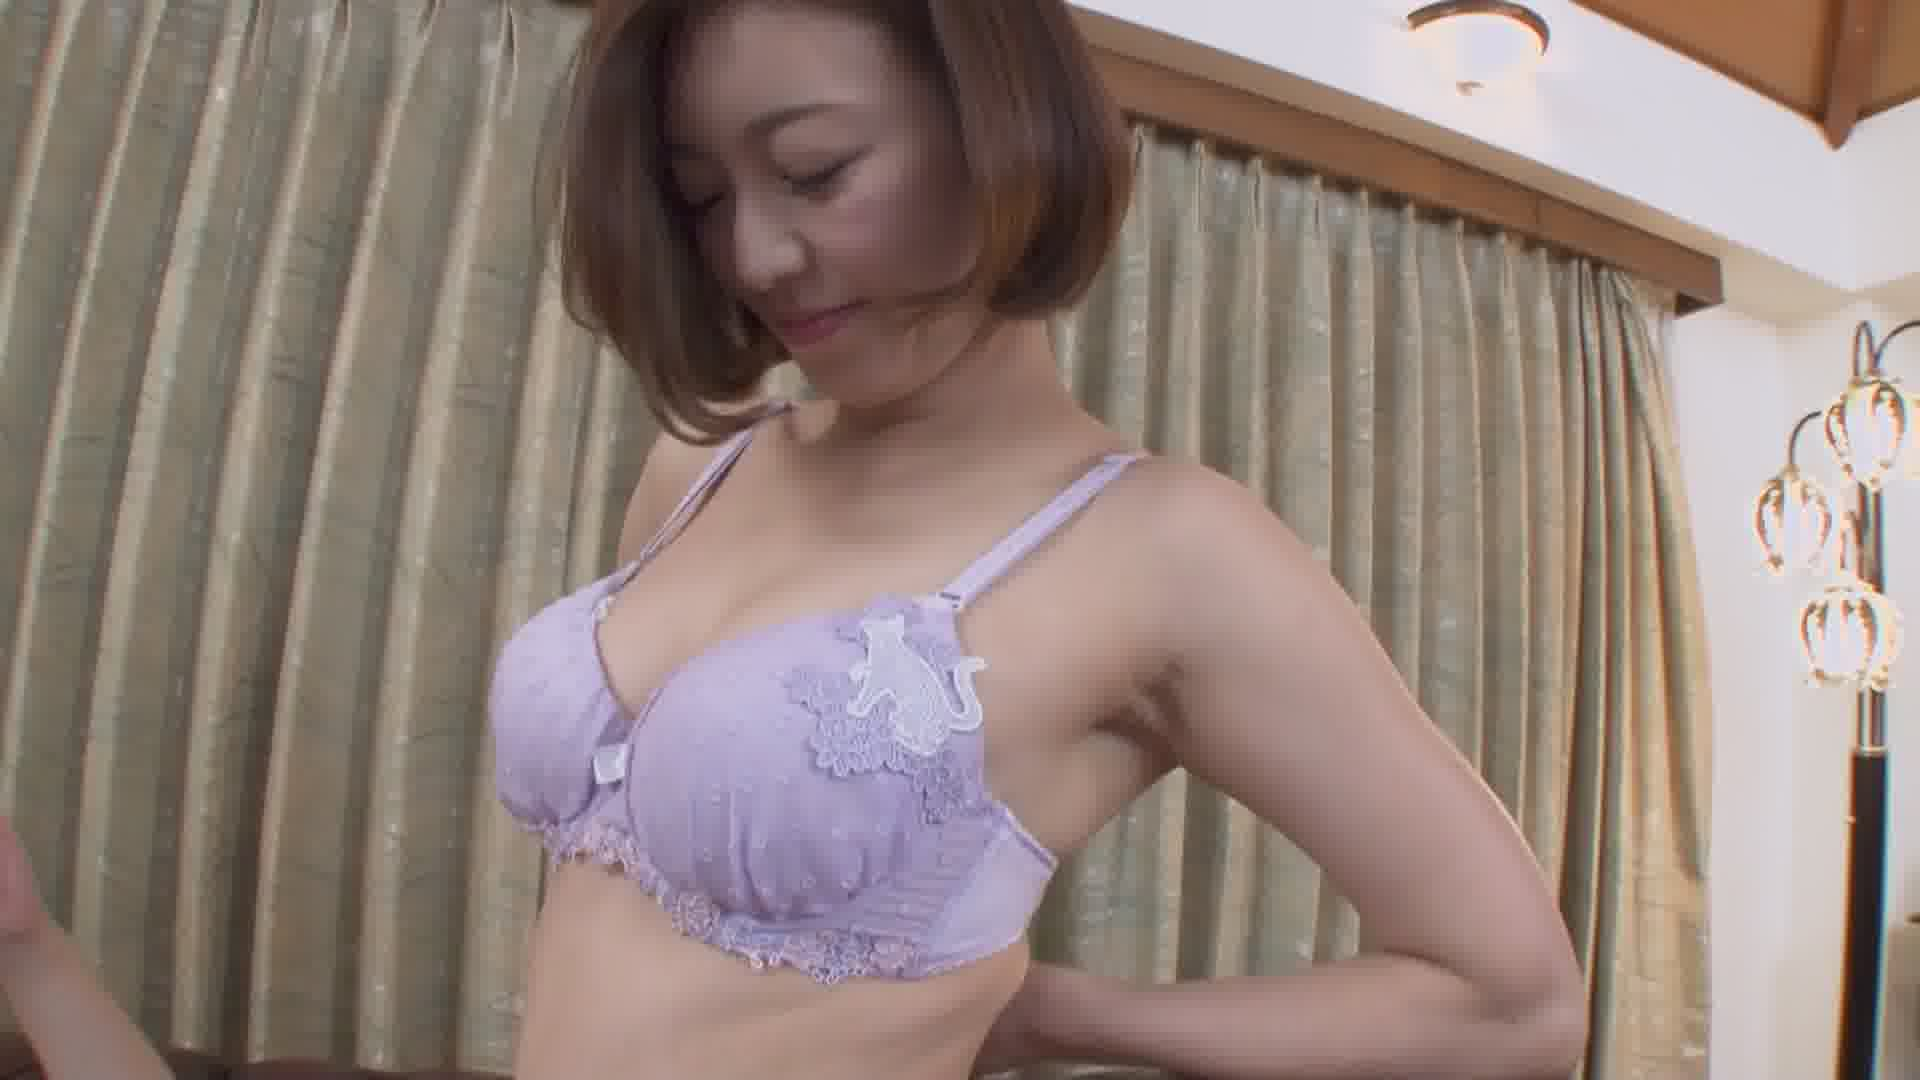 美熟女教師の本当に欲しいモノ - HITOMI【痴女・女教師・中出し】